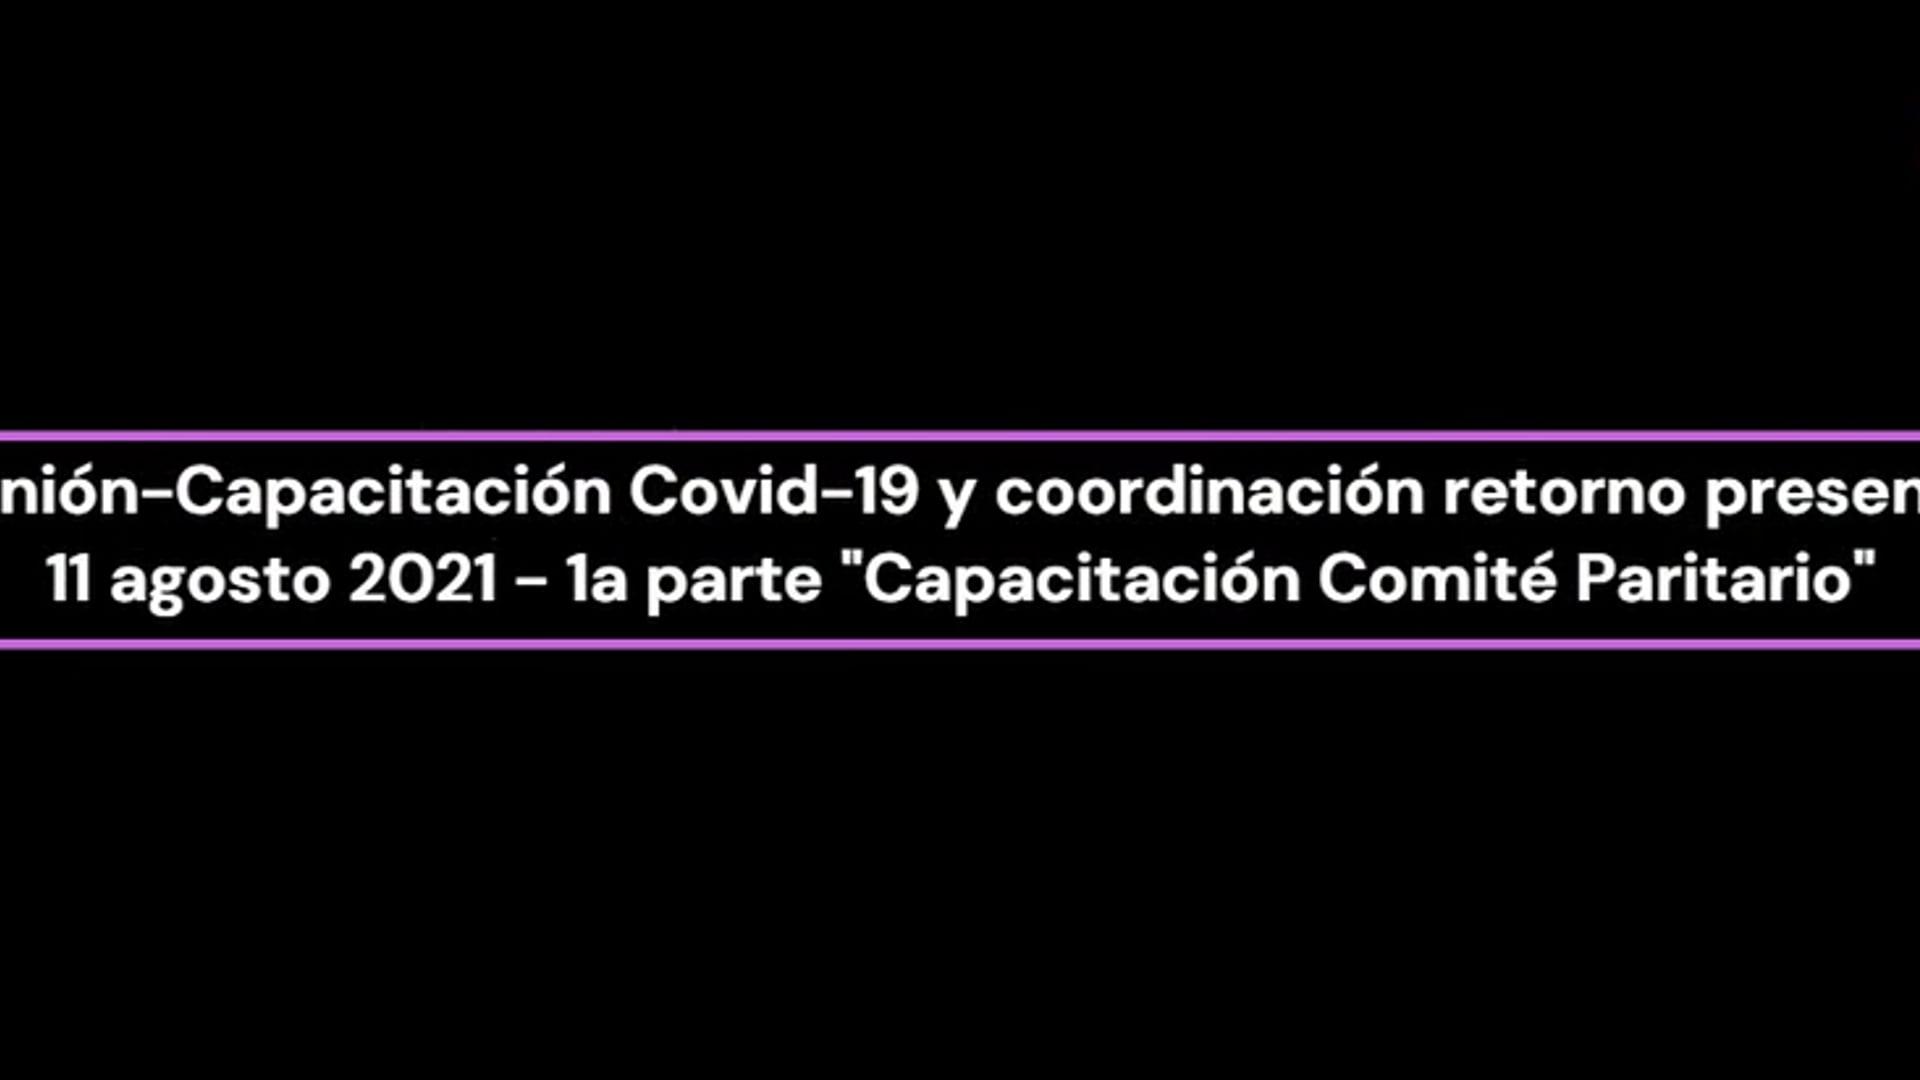 CP-Reunión-Capacitación Covid-19 y coordinación retorno presencial-1a Parte Capacitación Comité Paritario 2021-08-11